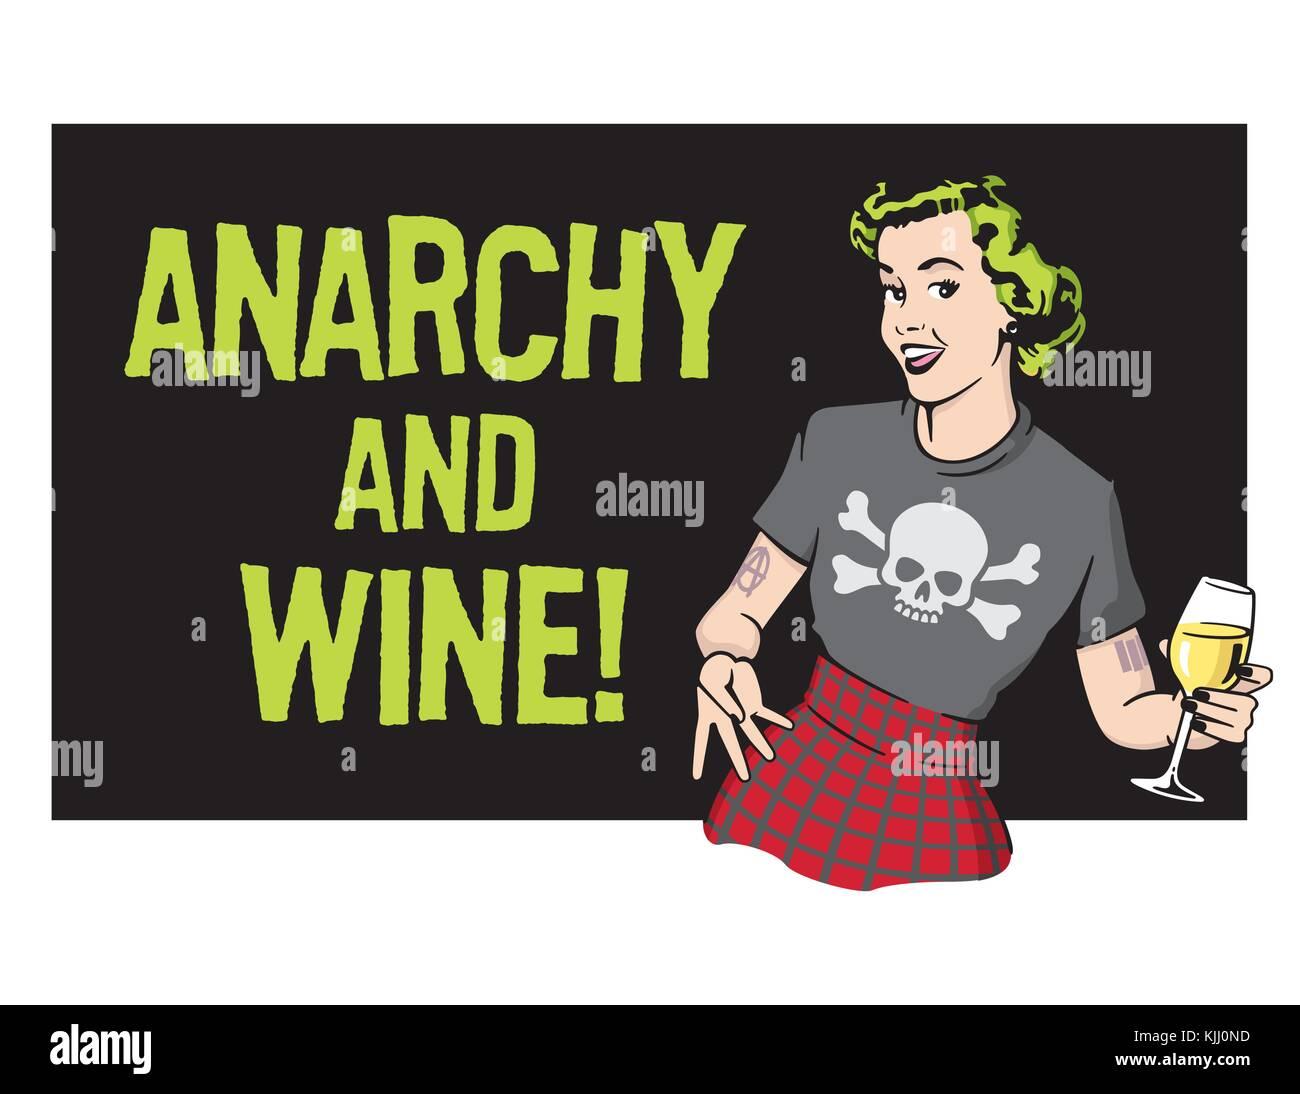 Anarchia e vino punk rock casalinga vettore Retrò design illustrazione  casalinga indossando il punk rock vestiti e bere il vino. 6389e7bd4153